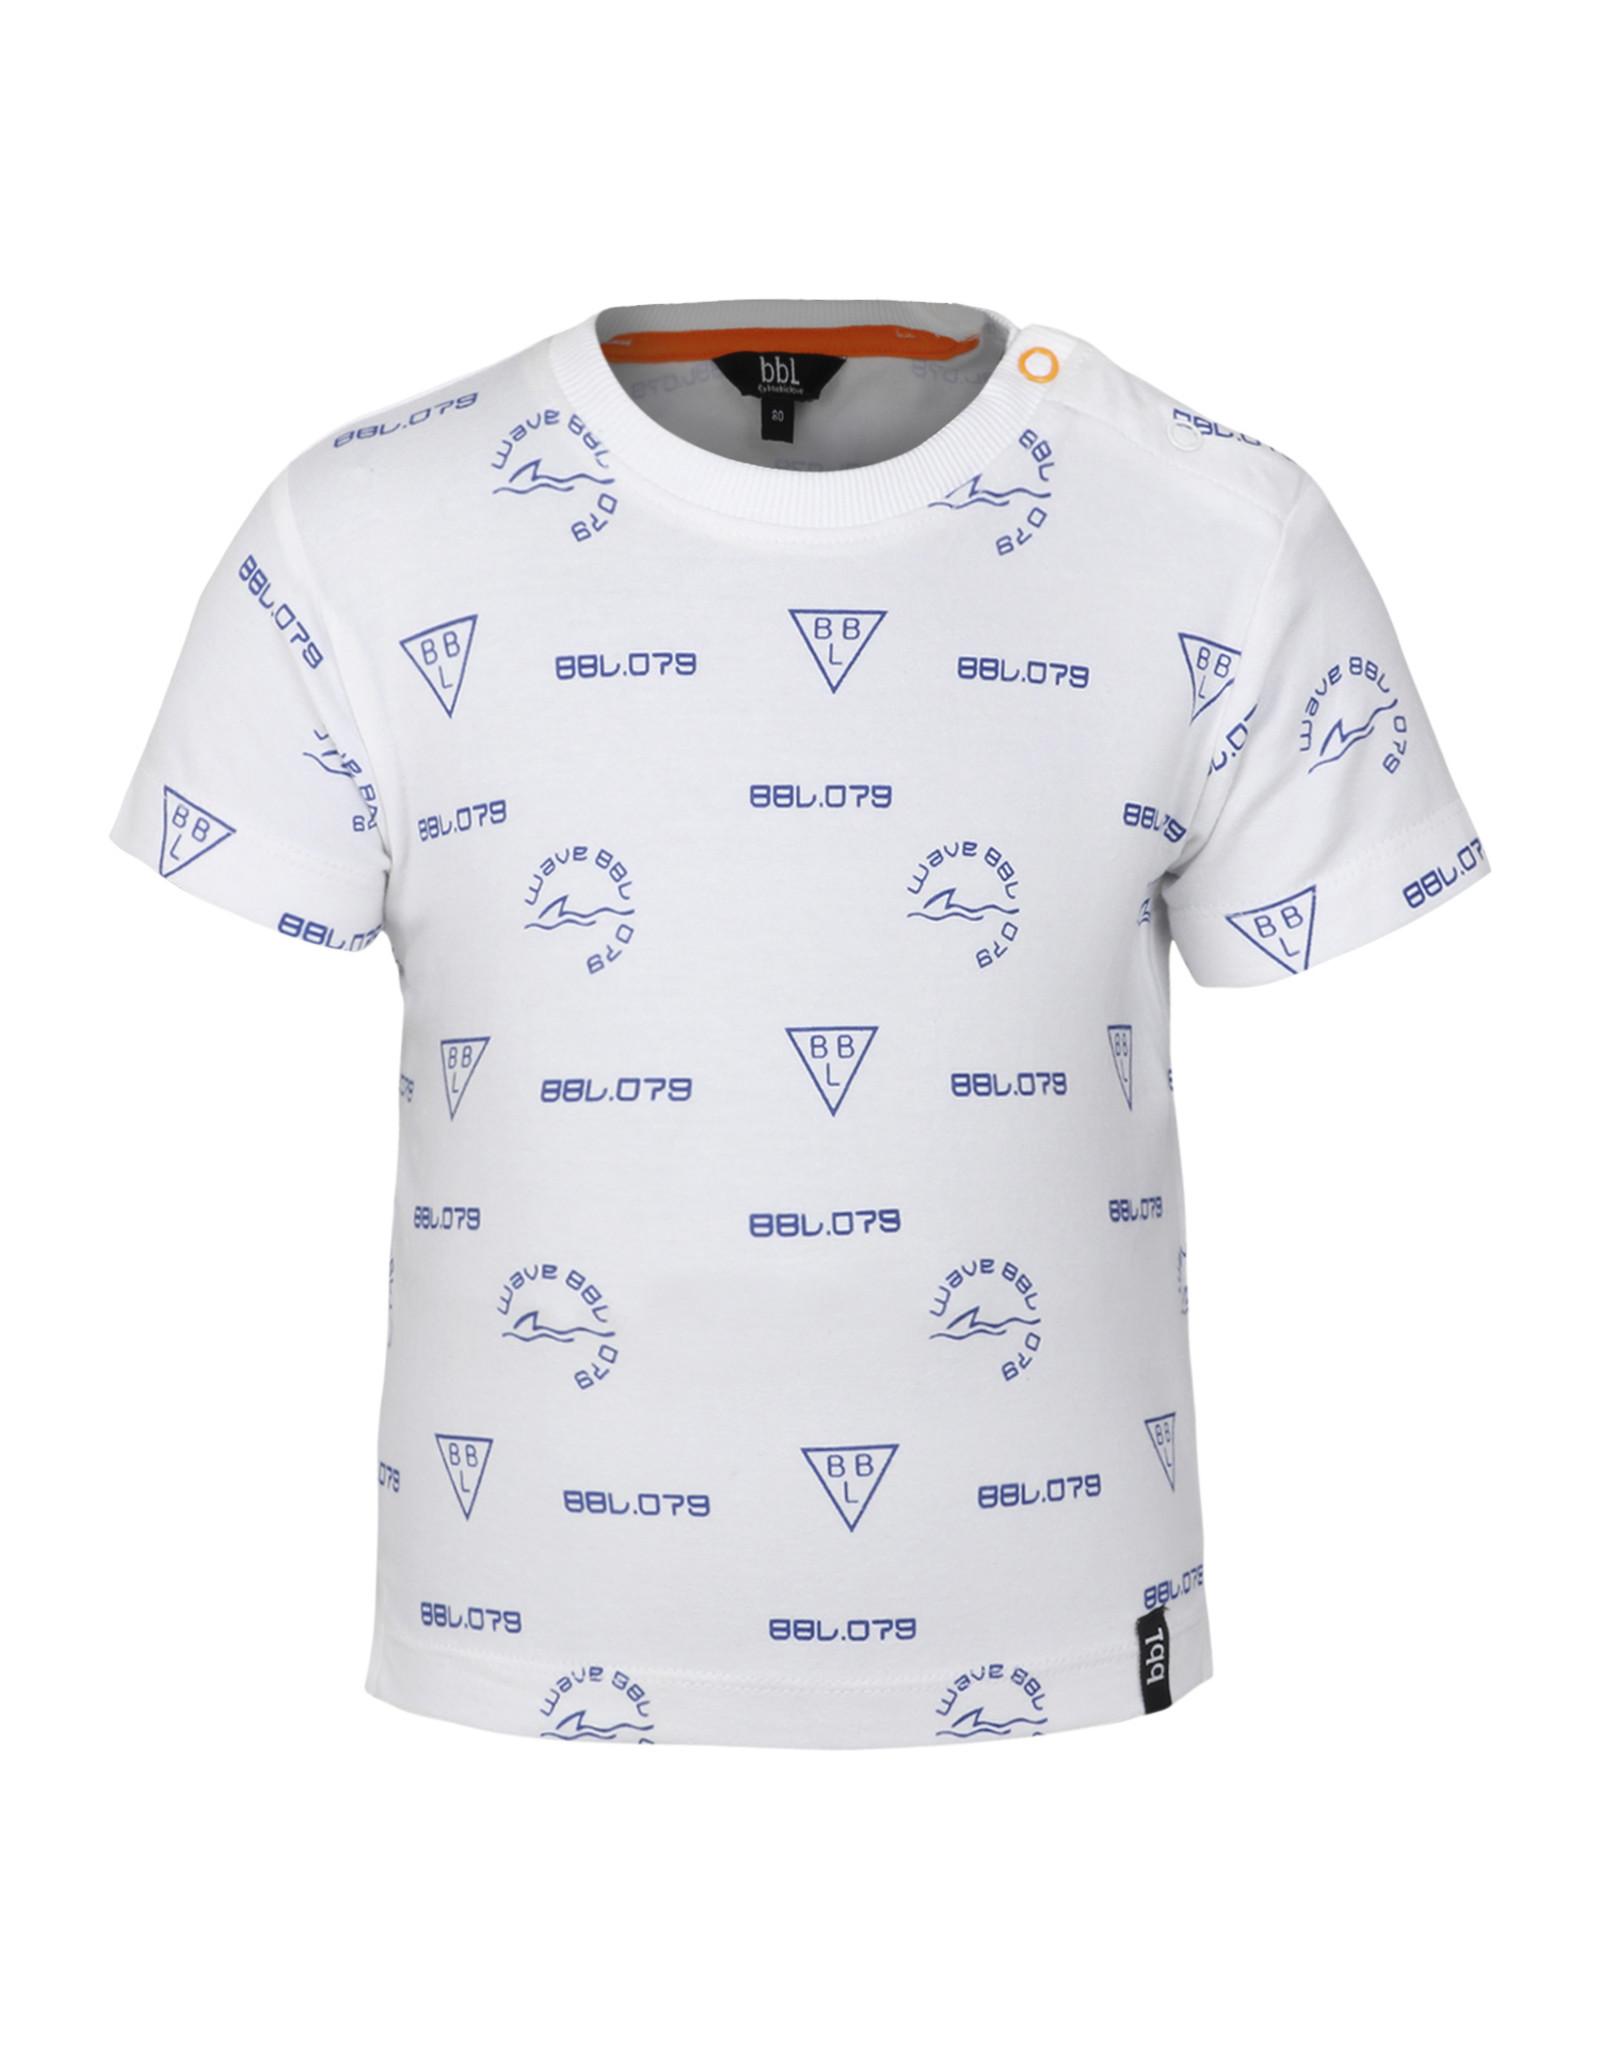 Beebielove T-shirt, MUL, 15-2608